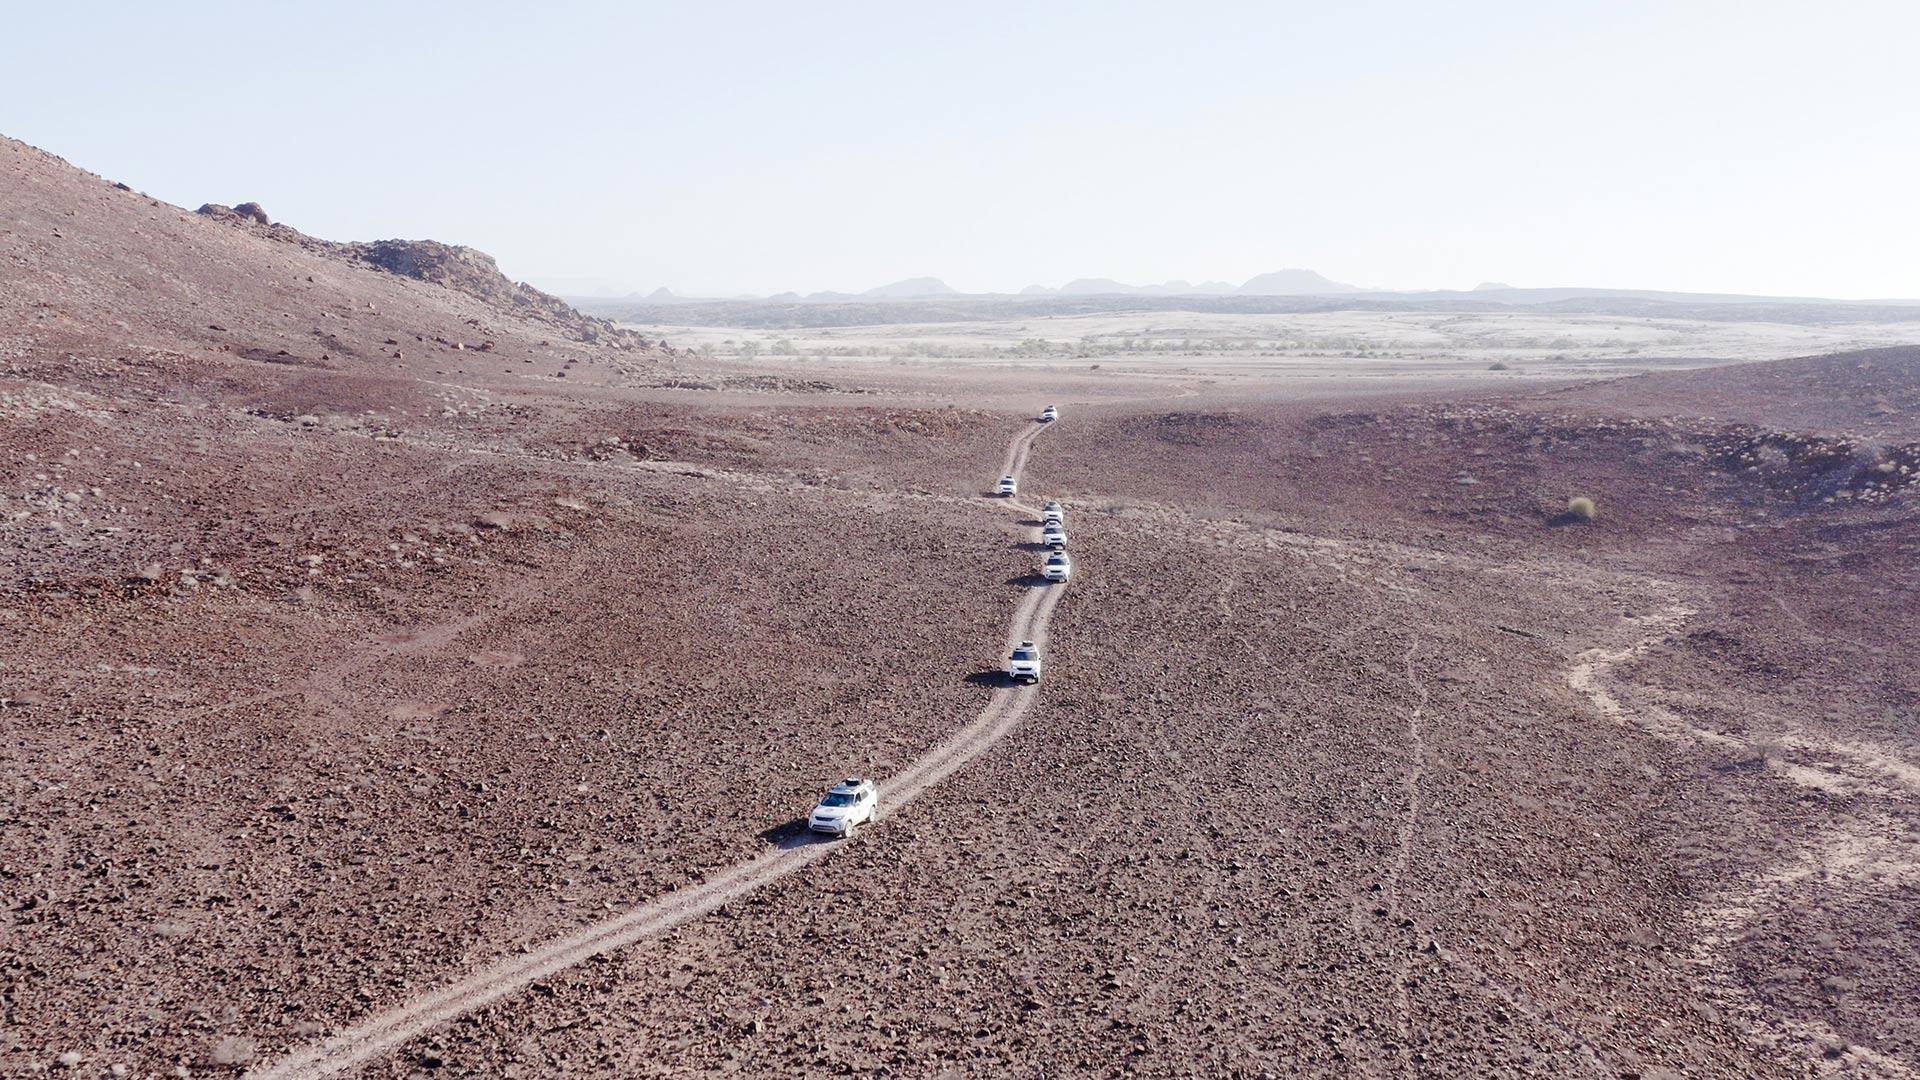 Namibia - Hành trình đầy mê hoặc - Land Rover - Trail to Namibia 2020 - Teaser